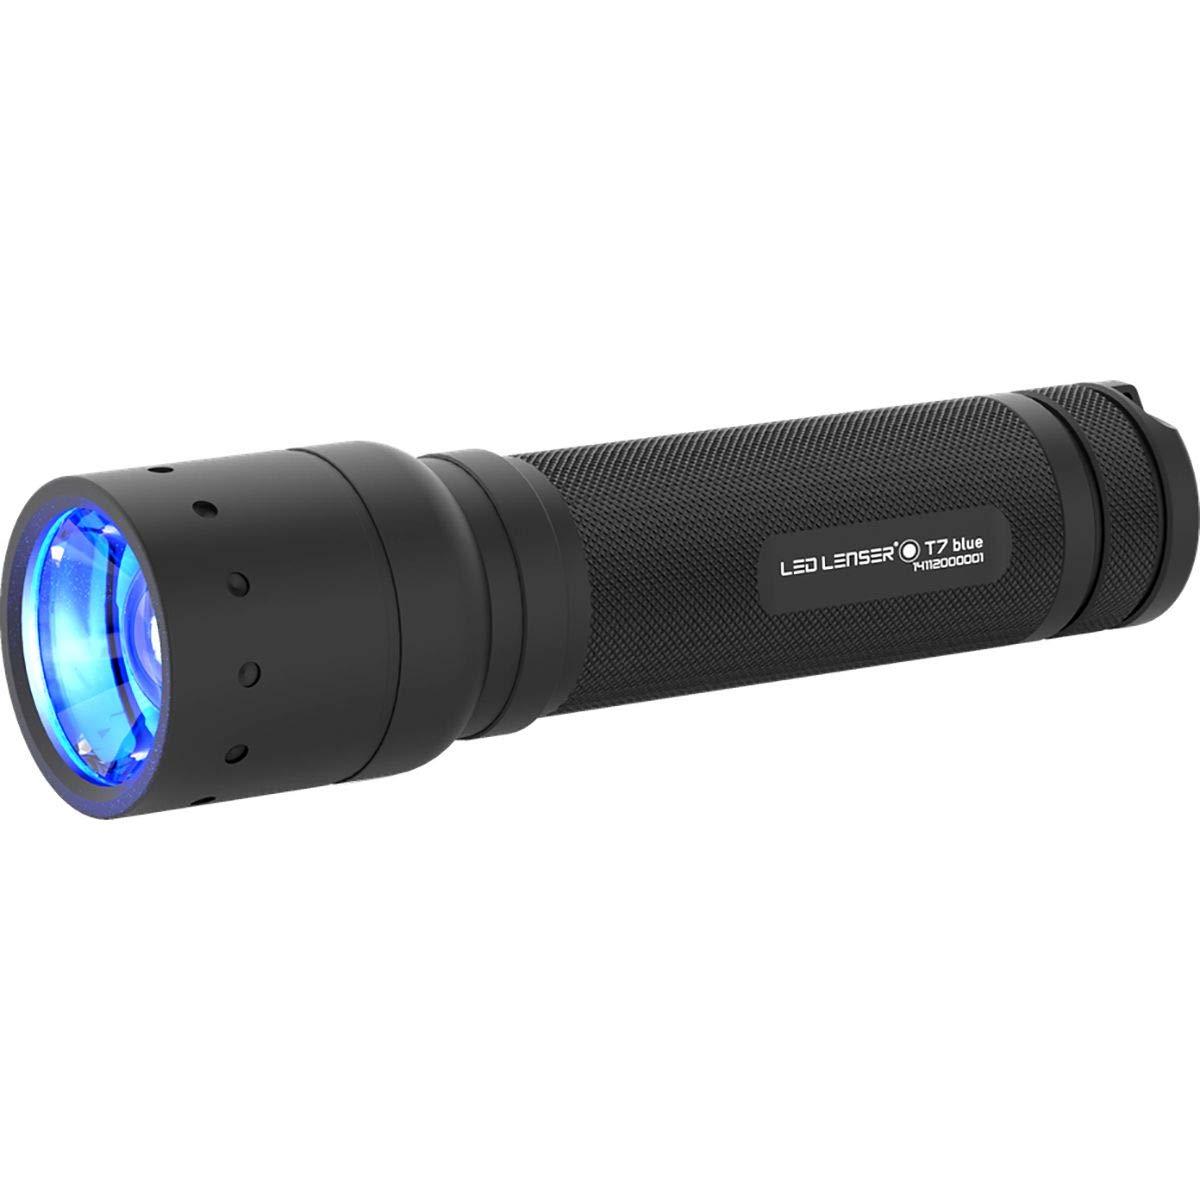 Zweibrüder Ledlenser T7.2 Blau Taschenlampe T7, T7, Taschenlampe schwarz, S 82c013